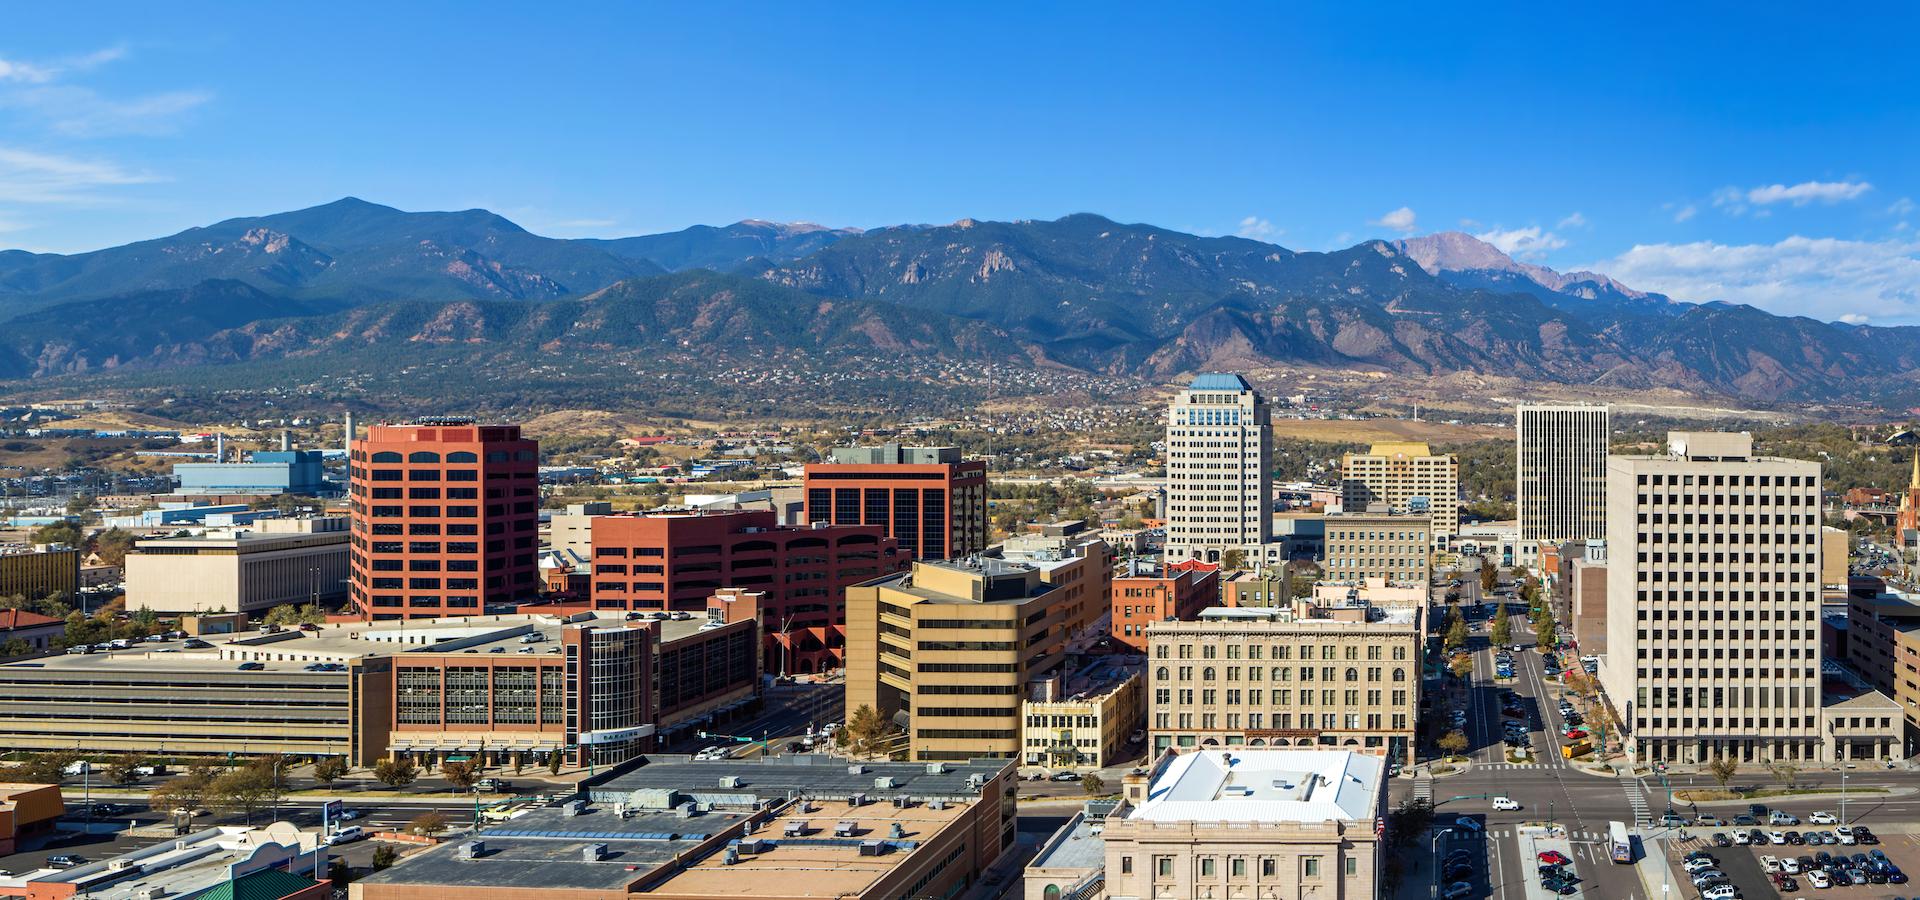 Peer-to-peer advisory in Colorado Springs, Colorado, USA